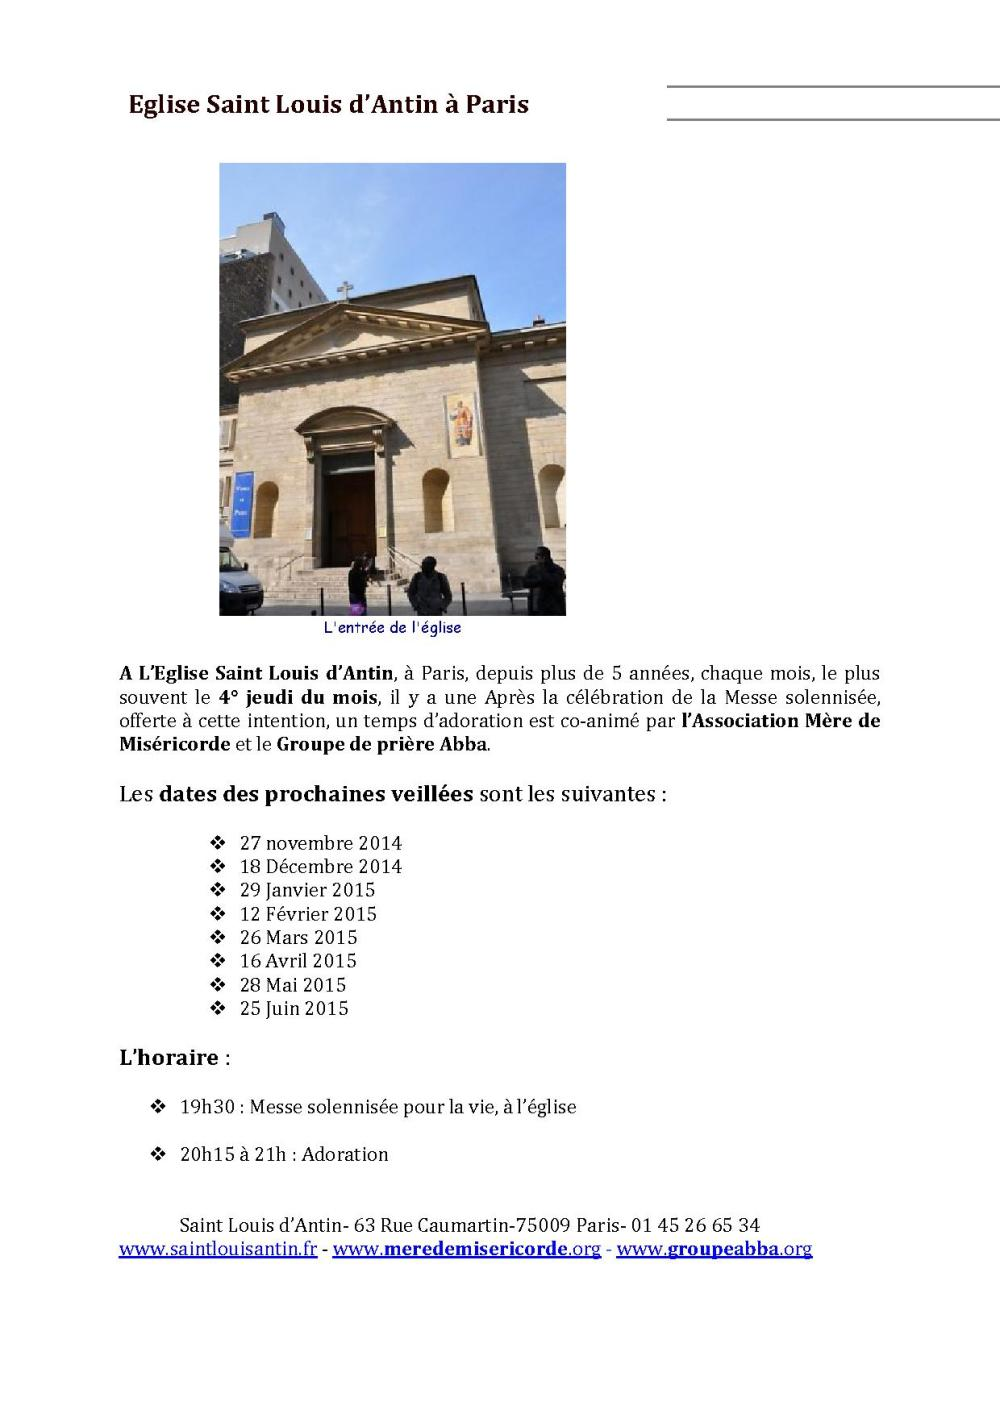 2014.11 Veillées pour la vie Saint Louis d'Antin_2_